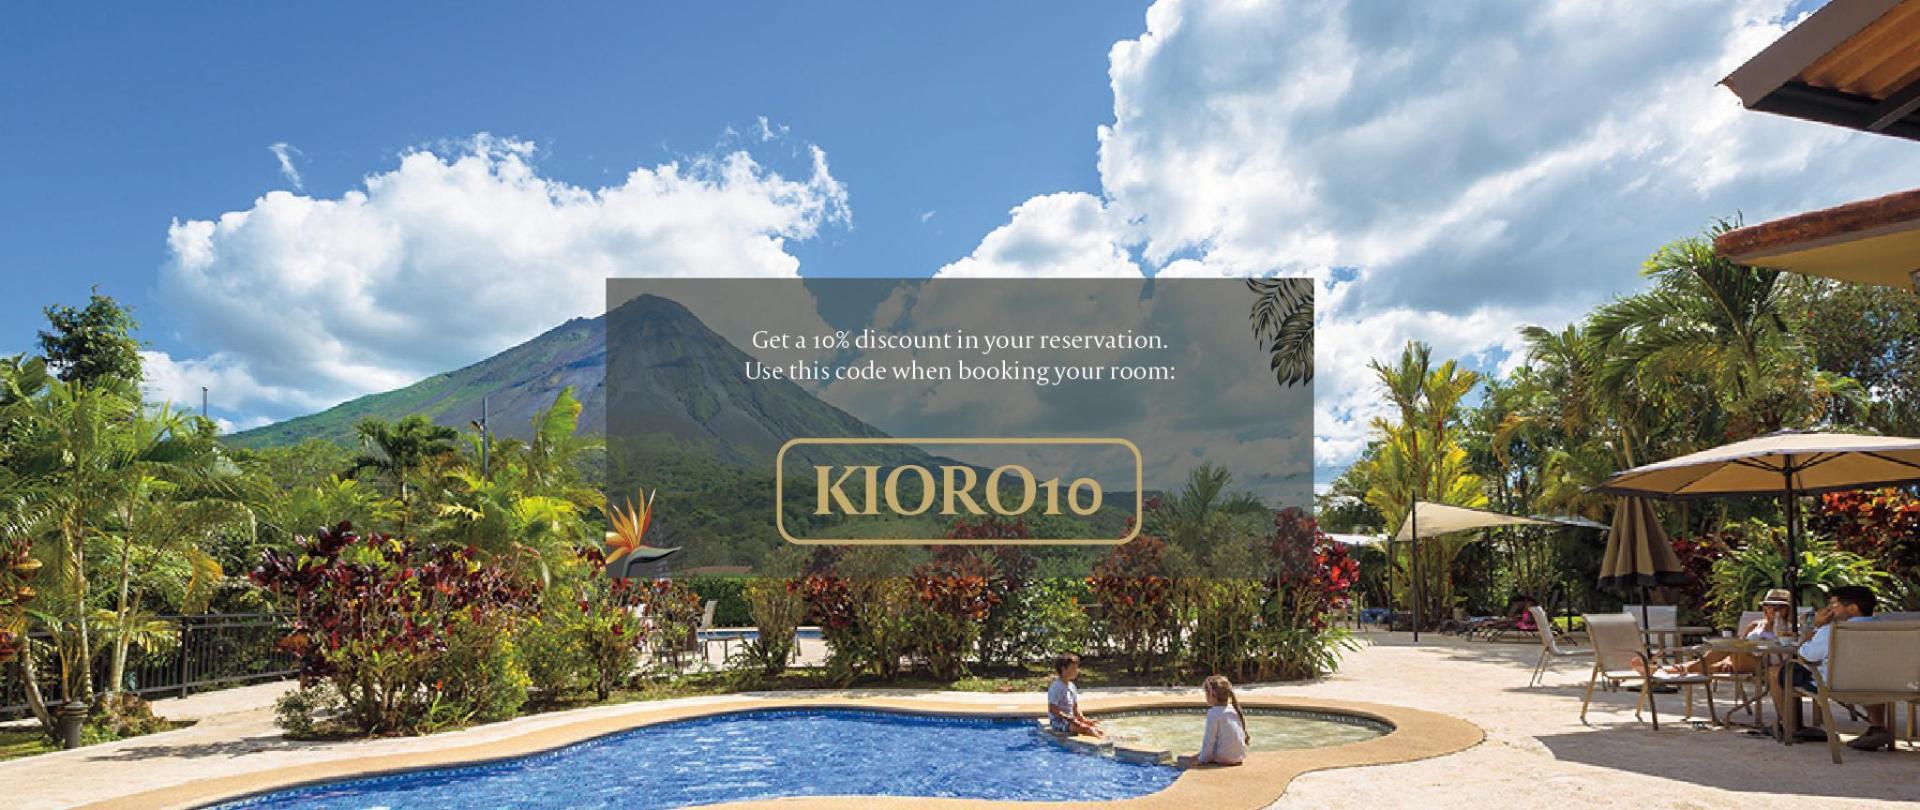 Kioro-Fotos Web-02.jpg